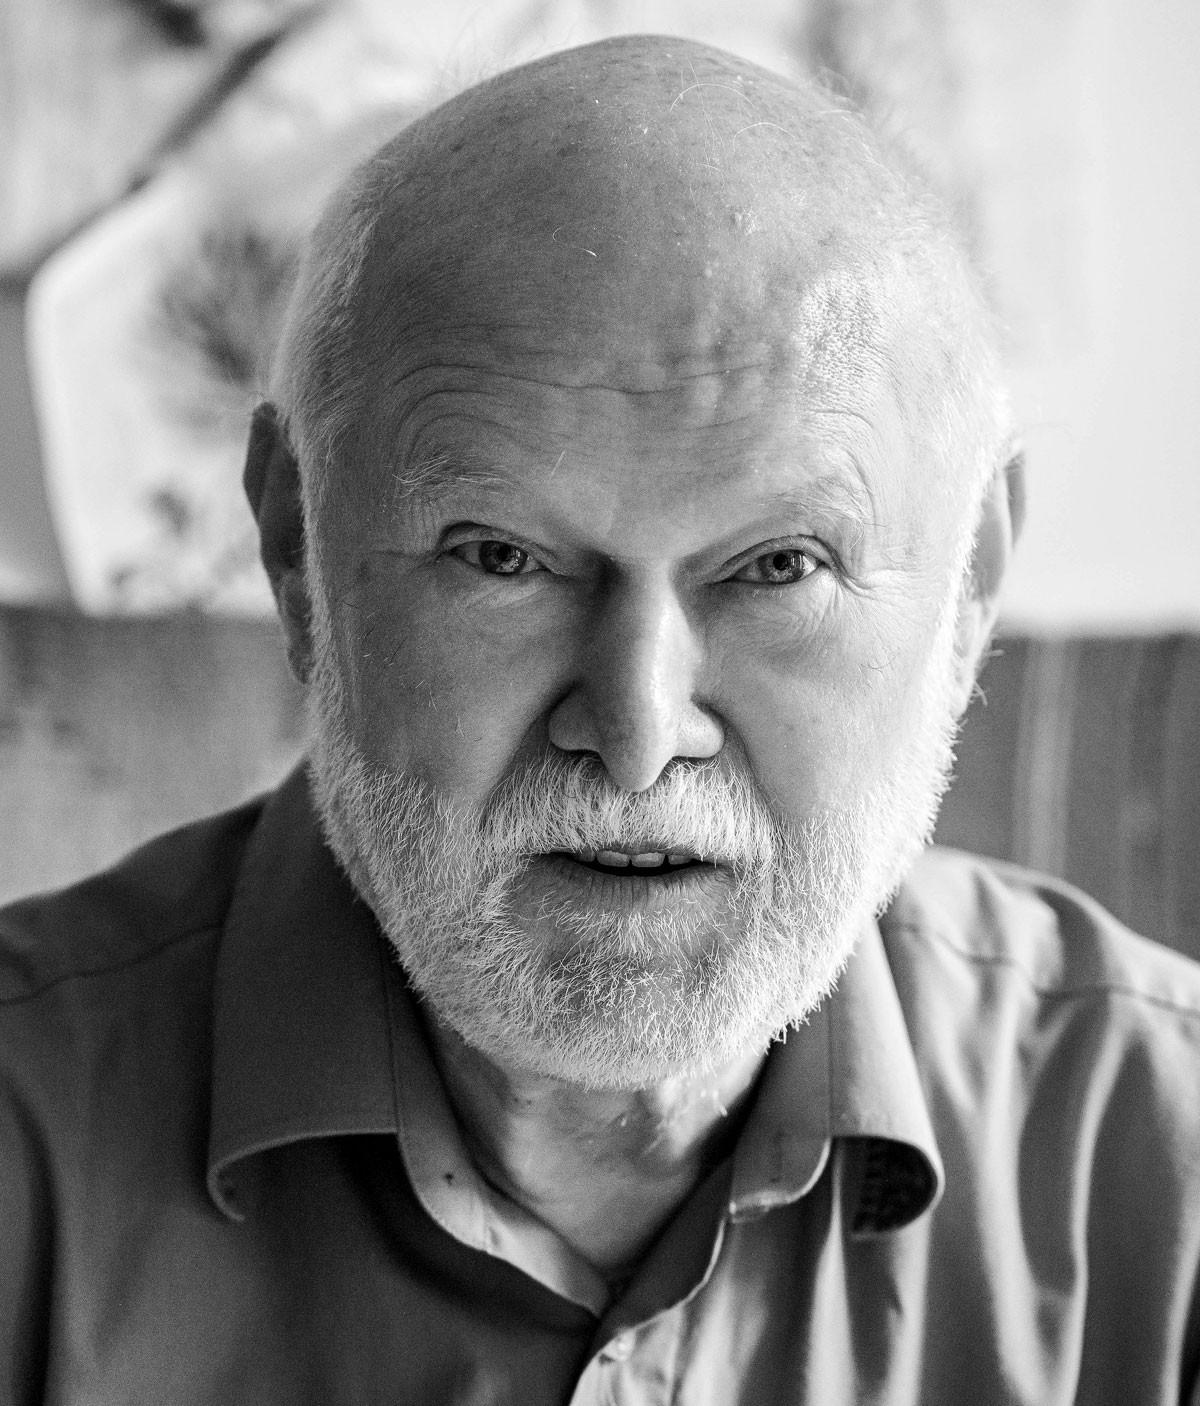 Kovács István: Úgy gondolom, az ember cselekedeteit, gondolatait, mulasztásait az utolsó pillanat határozza meg – annak tudata, hogy létünk bármelyik pillanata az utolsó is lehet